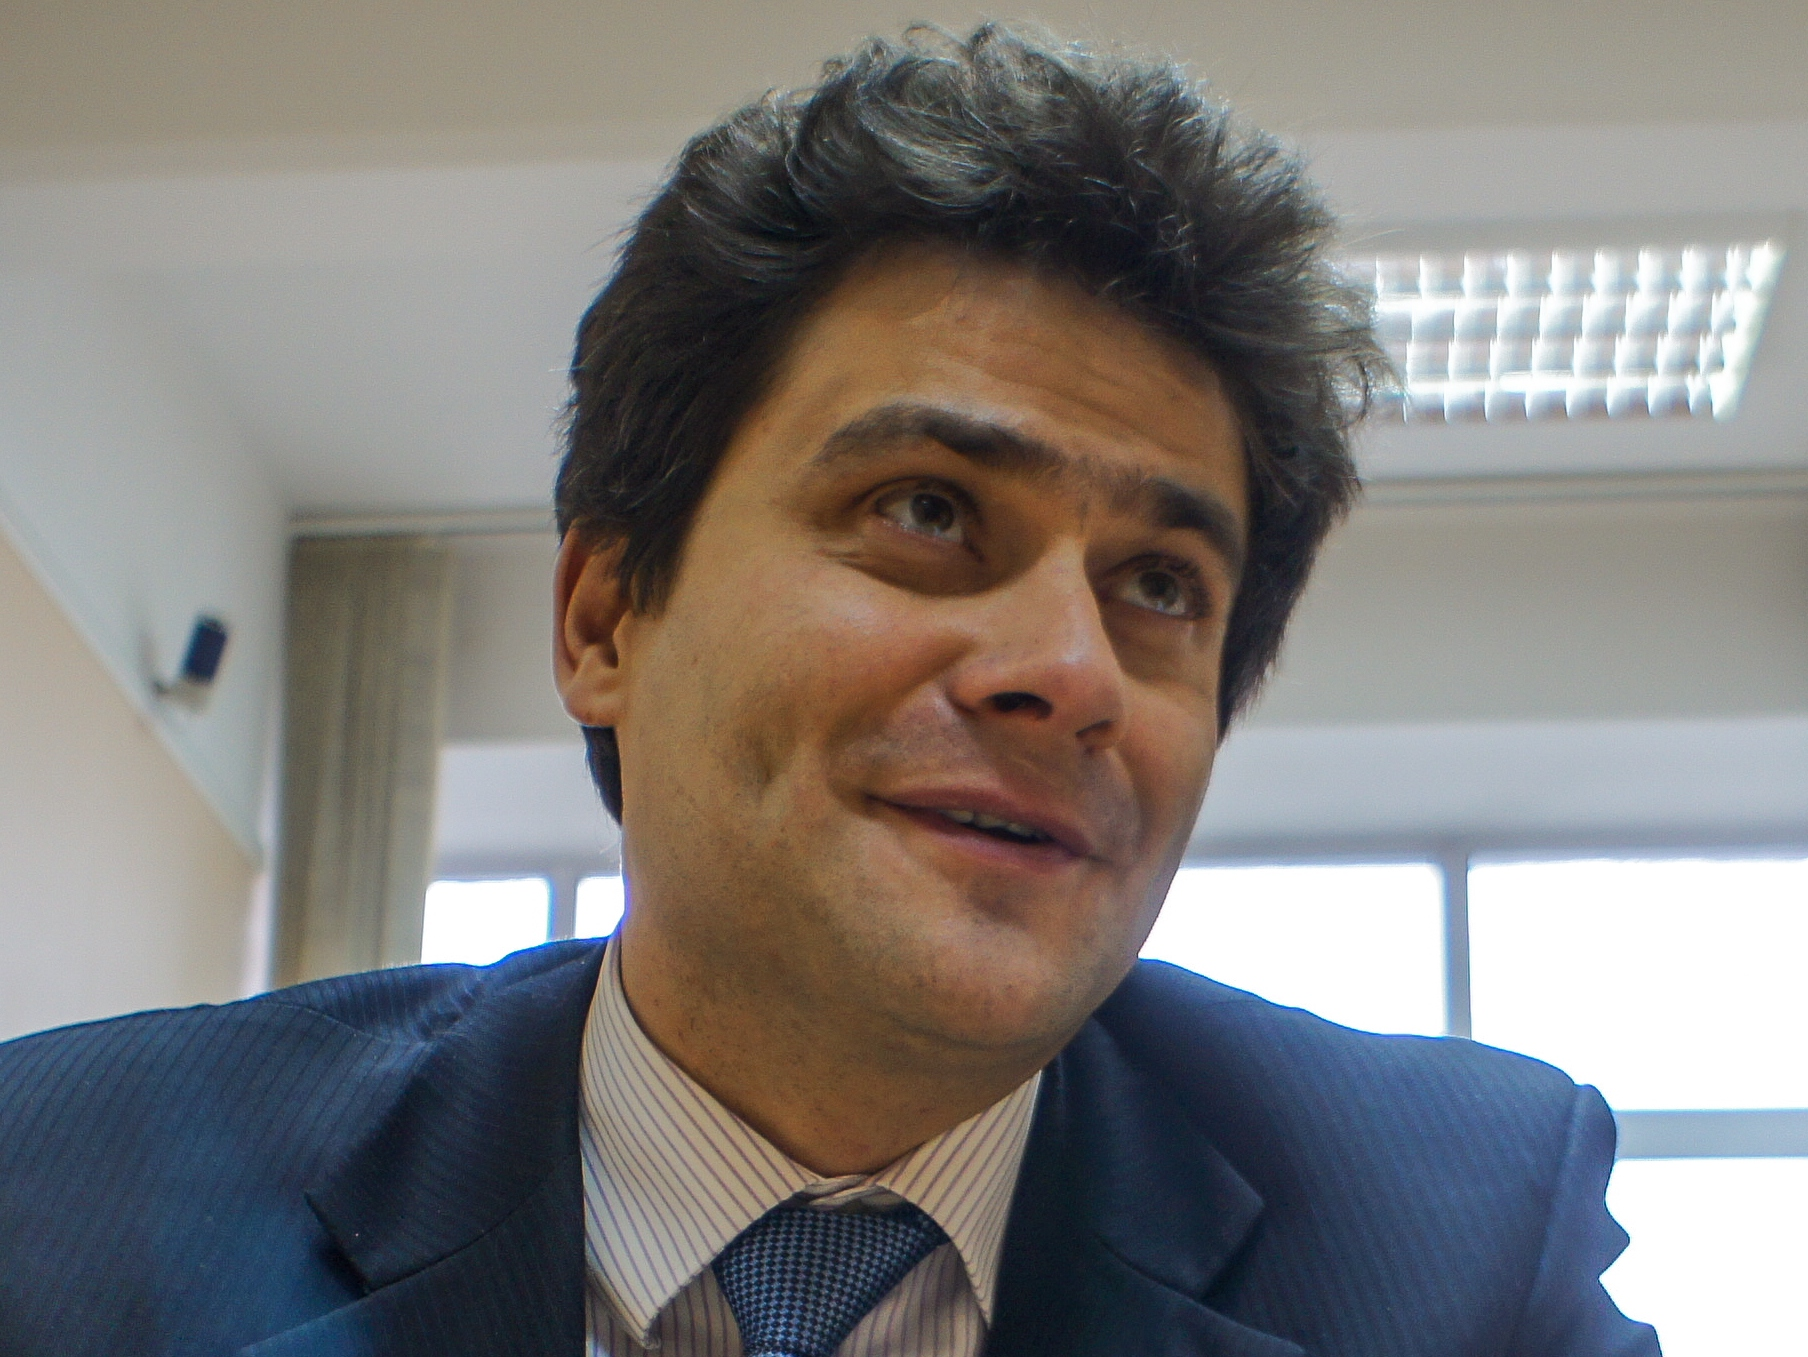 Александр Высокинский: «Так жестко нас еще не разводили»